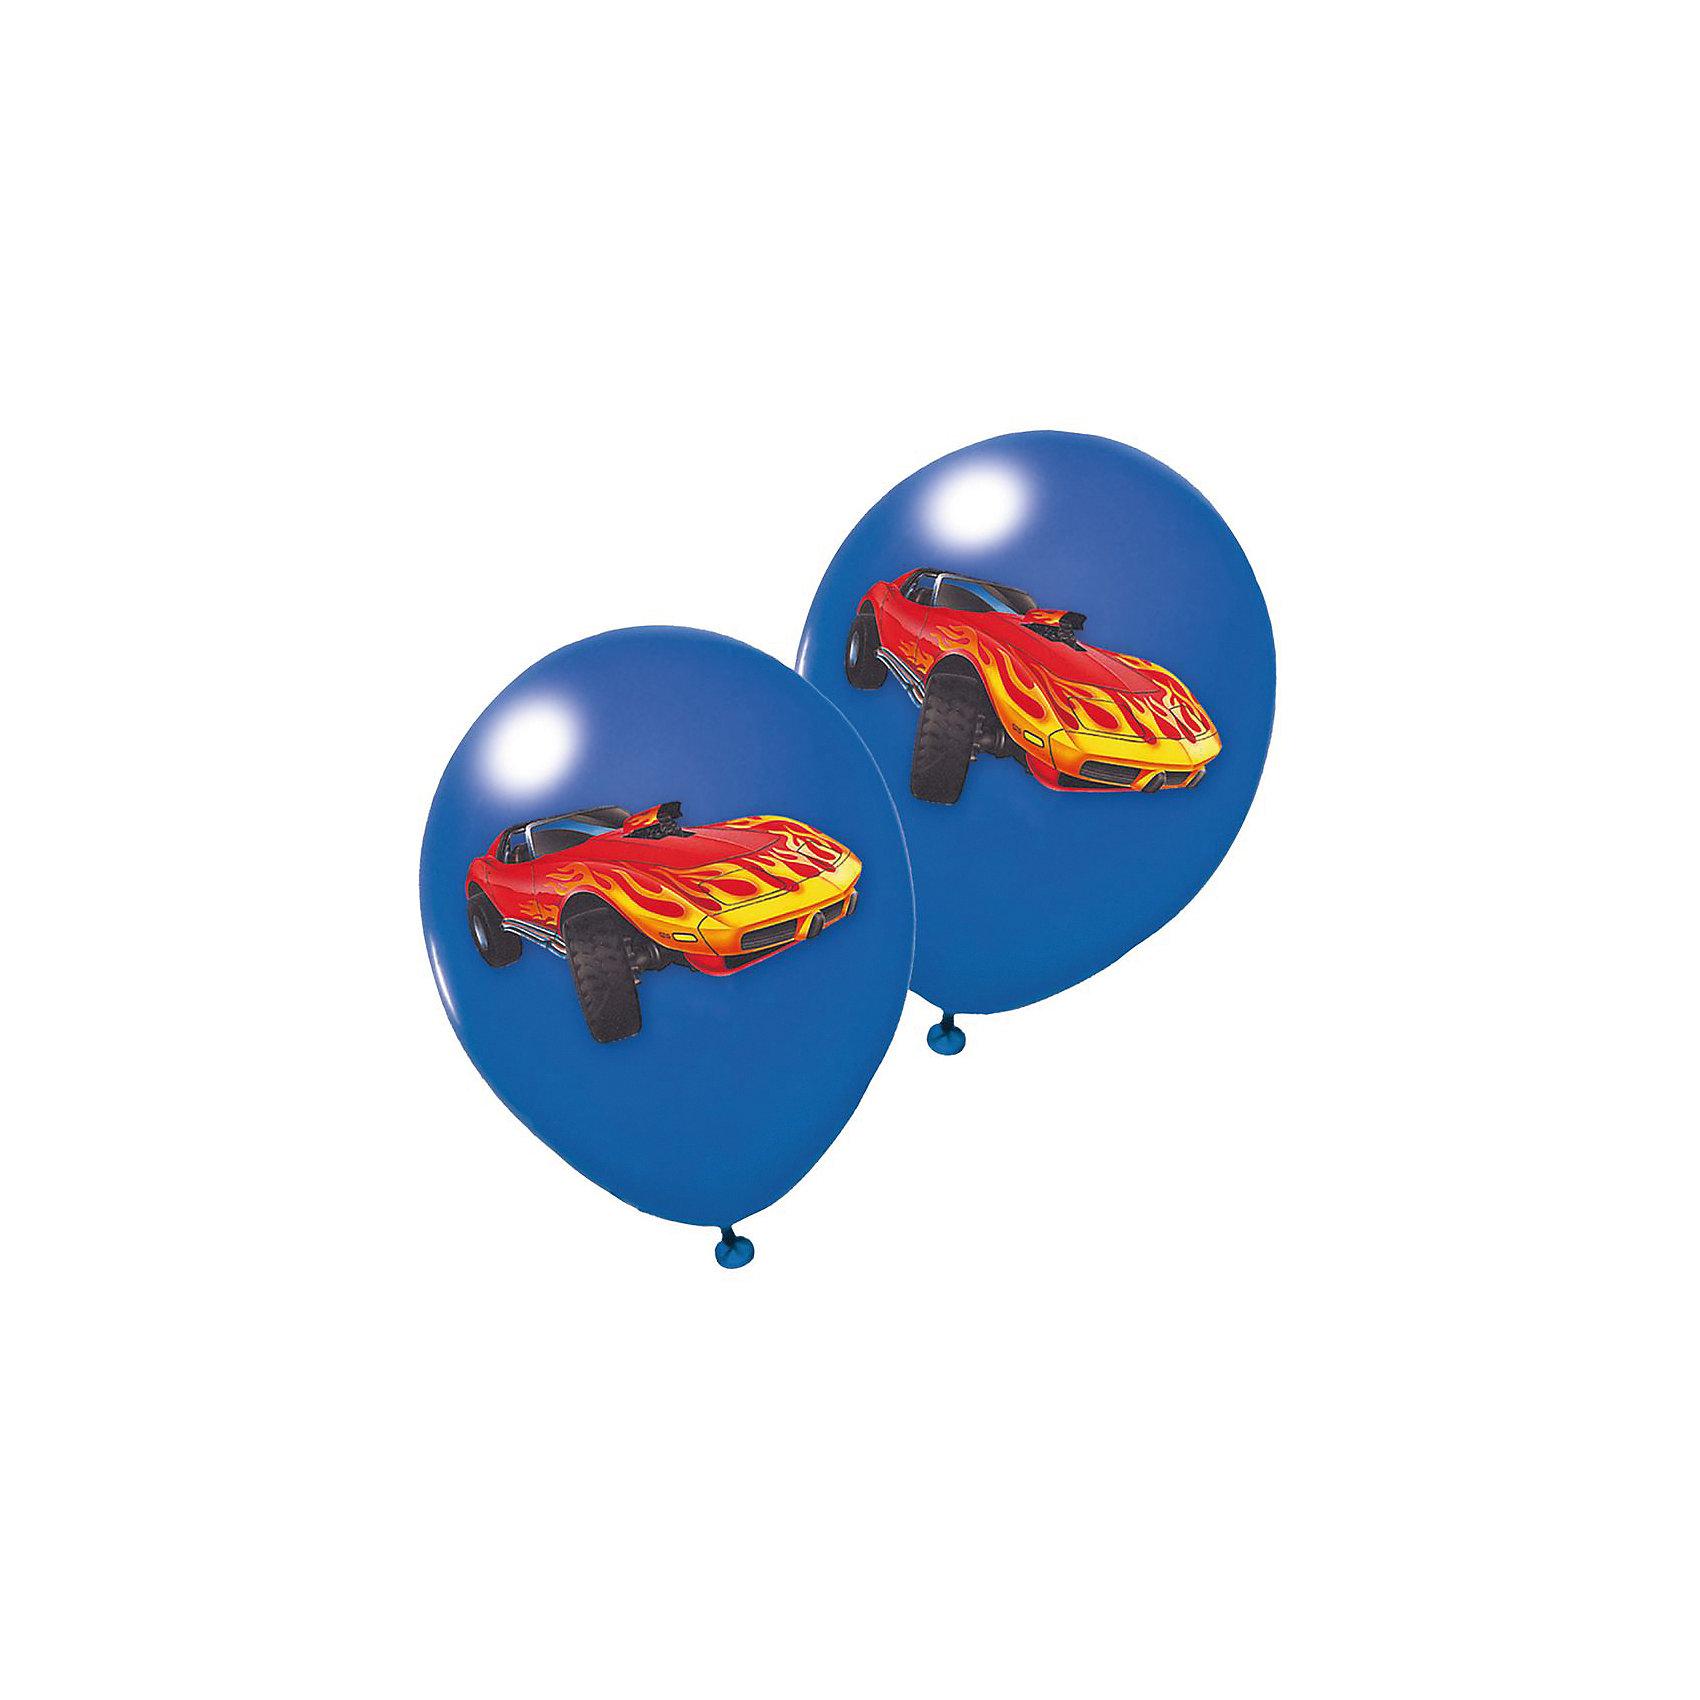 Шар воздушный Racing, 6 штВсё для праздника<br>Характеристики товара:<br><br>• возраст: от 3 лет<br>• цвет: синий<br>• материал: биоразлагаемый латекс<br>• размер упаковки: 1х13х20 см<br>•  для надувания гелием или воздухом<br>• комплектация: 6 шт<br>• вес: 30 г<br>• страна бренда: Германия<br>• страна изготовитель: Германия<br><br>Яркие воздушные шары с гоночной машиной добавят красок и создадут атмосферу праздника и поднимут настроение имениннику и его гостям.<br><br>Изделие произведено из безопасного для детей материала.<br><br>Шар воздушный  «Racing», 6 шт от бренда Herlitz (Херлиц) можно купить в нашем интернет-магазине.<br><br>Ширина мм: 15<br>Глубина мм: 128<br>Высота мм: 220<br>Вес г: 28<br>Возраст от месяцев: 36<br>Возраст до месяцев: 2147483647<br>Пол: Унисекс<br>Возраст: Детский<br>SKU: 6886508